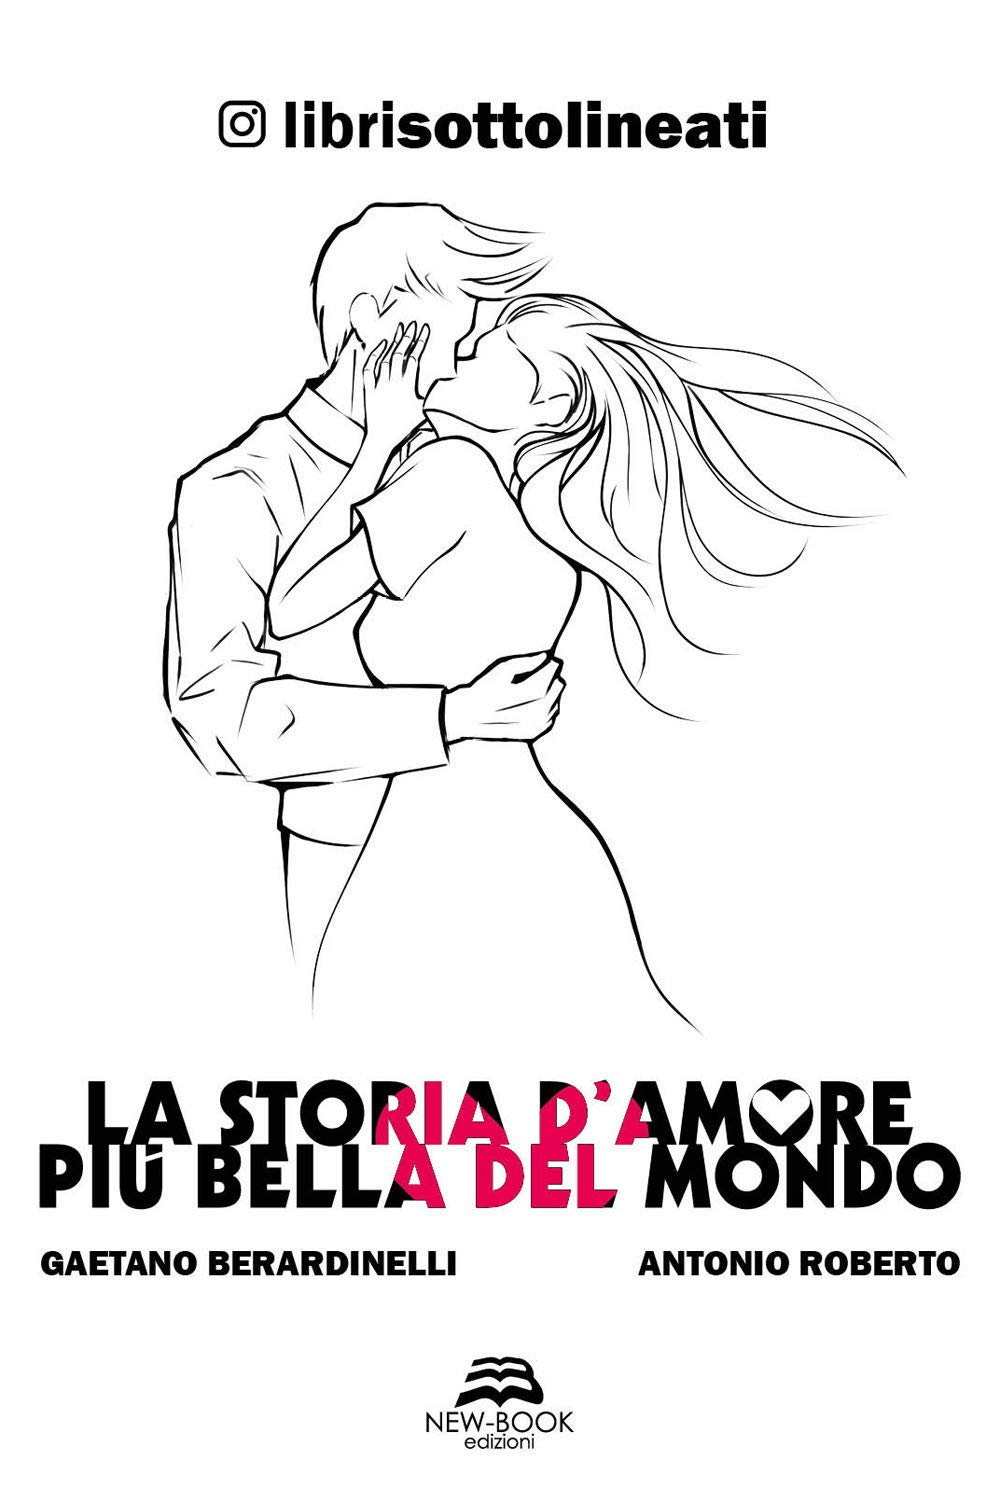 La storia d'amore più bella del mondo New-Book Edizioni